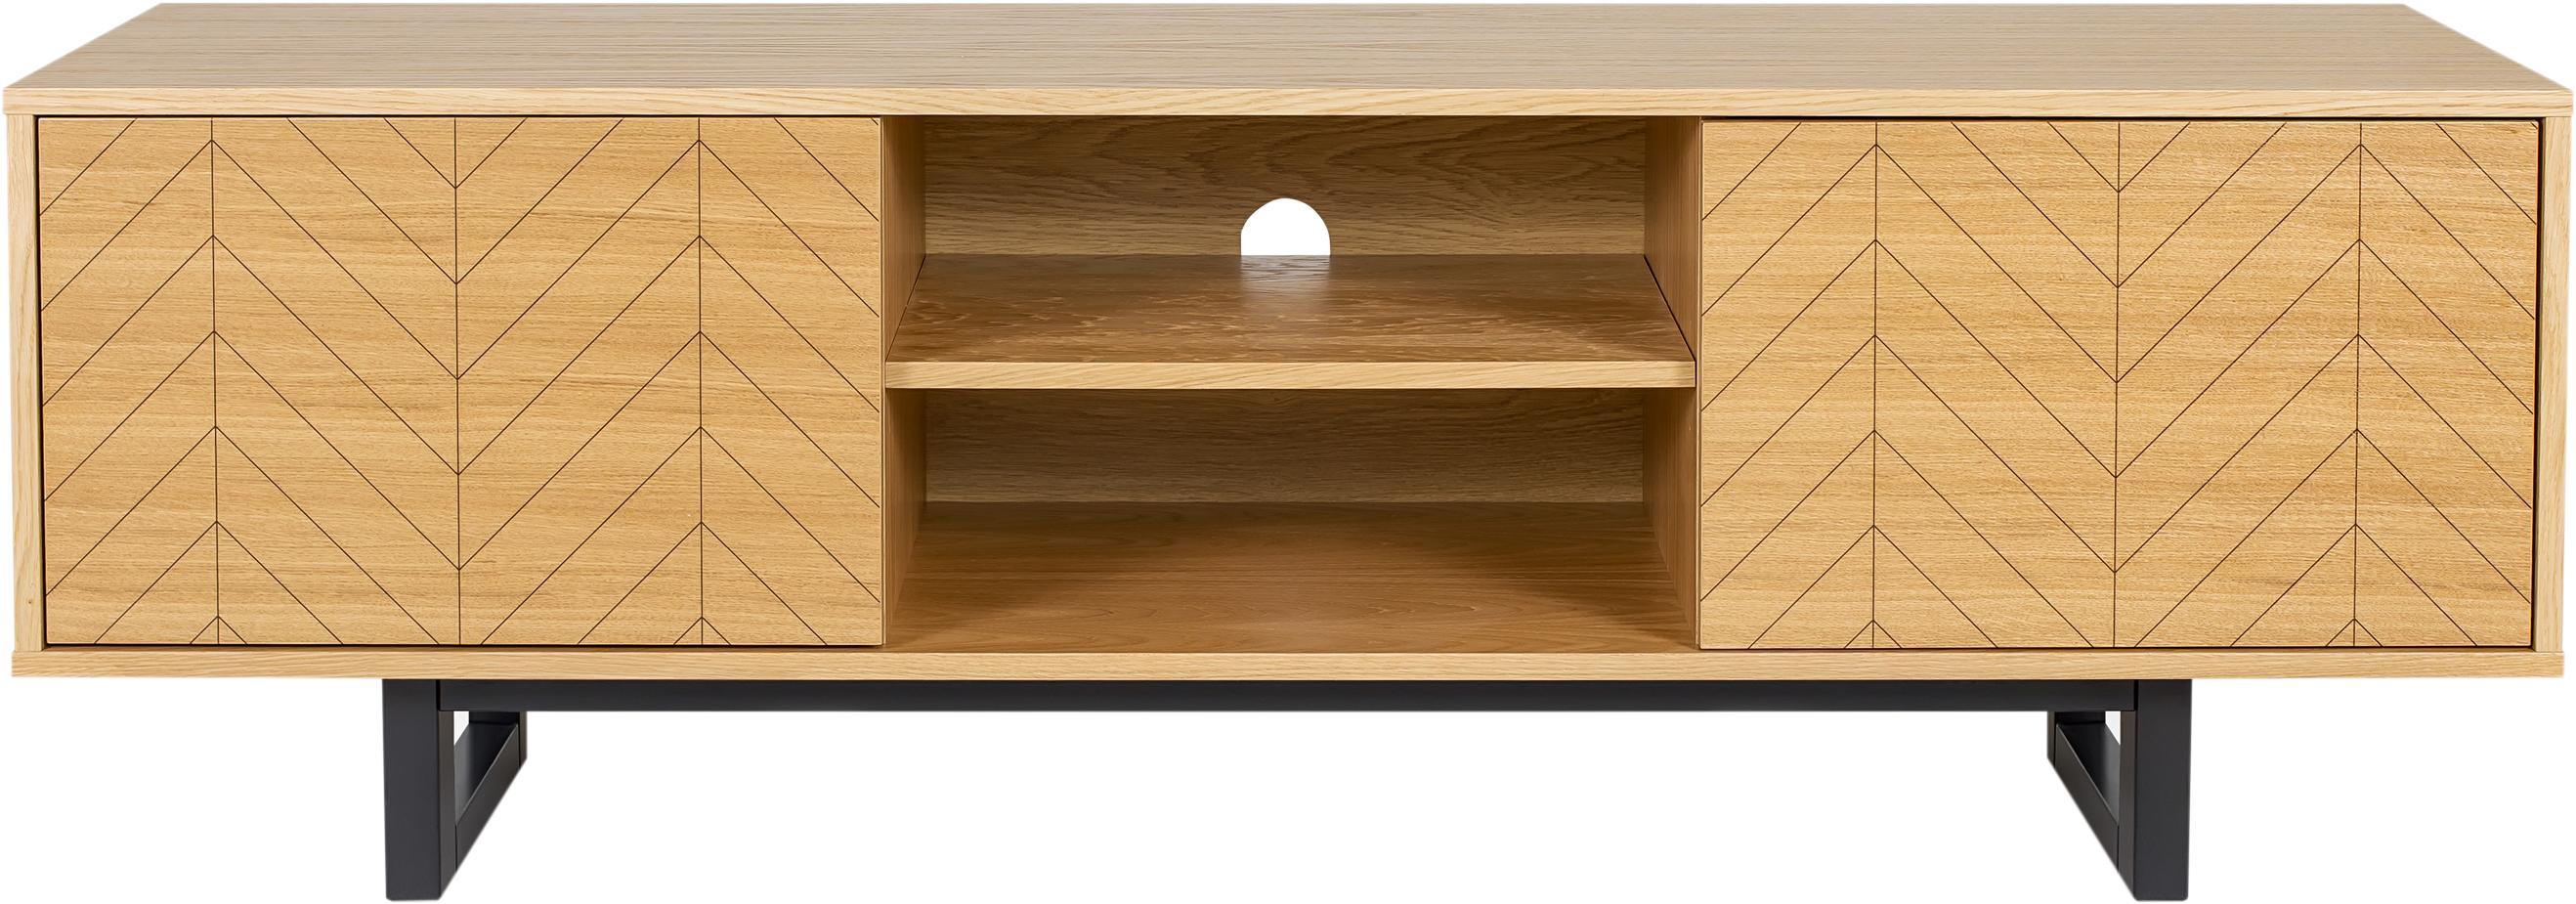 Design-TV-Lowboard Camden mit Eichenholzfurnier, Korpus: Mitteldichte Holzfaserpla, Eichenholz, 150 x 50 cm